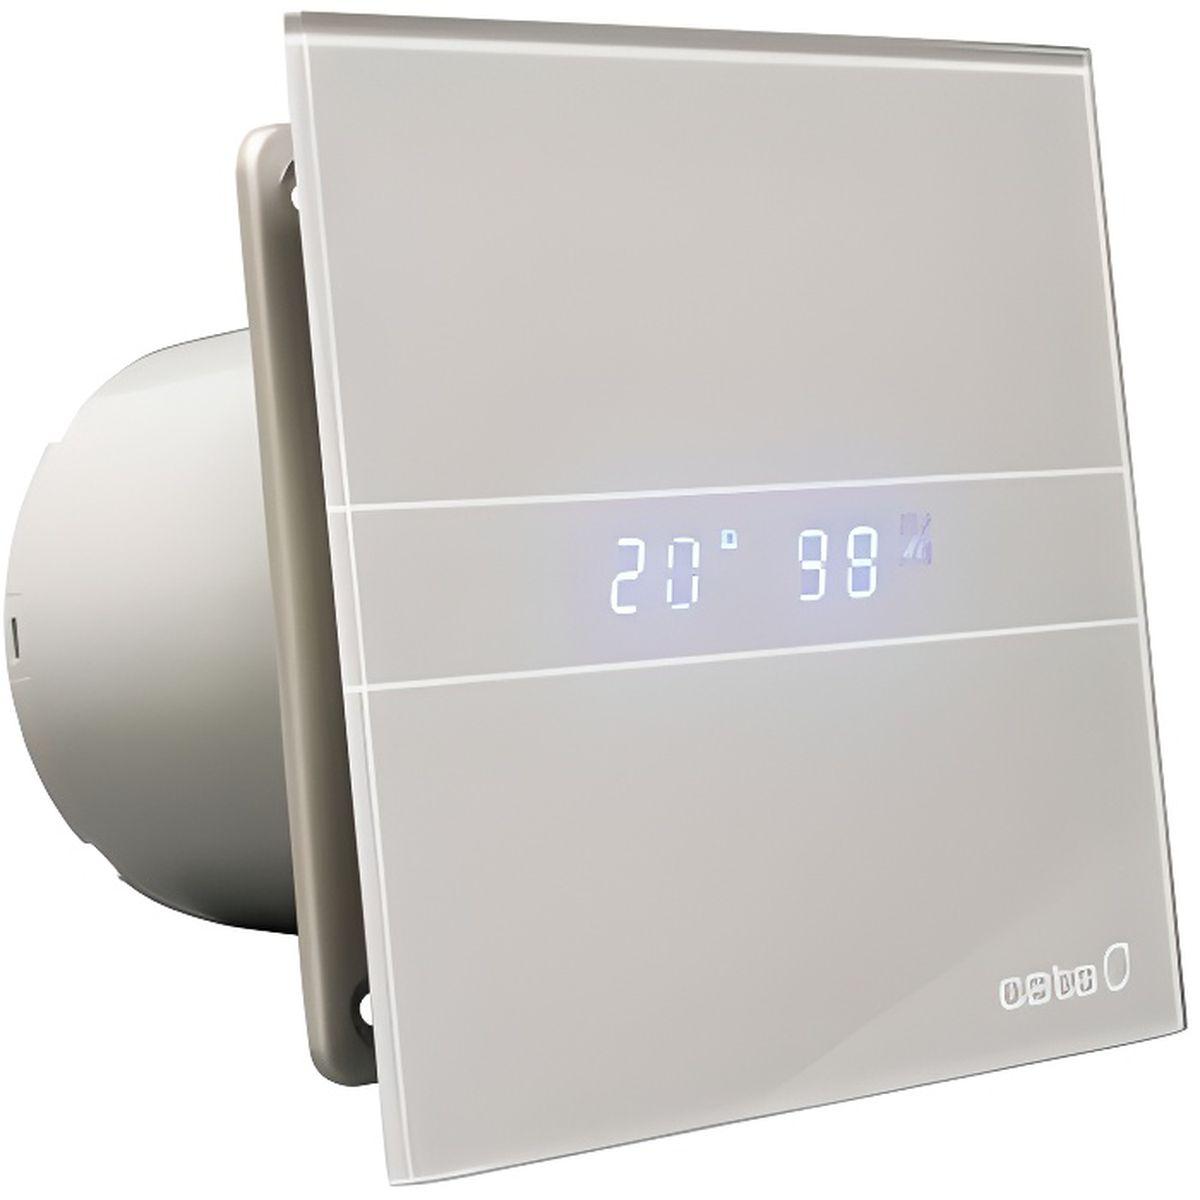 Aérateur extracteur salle de bain E-20 Glass Silver Timer Hygro CATA